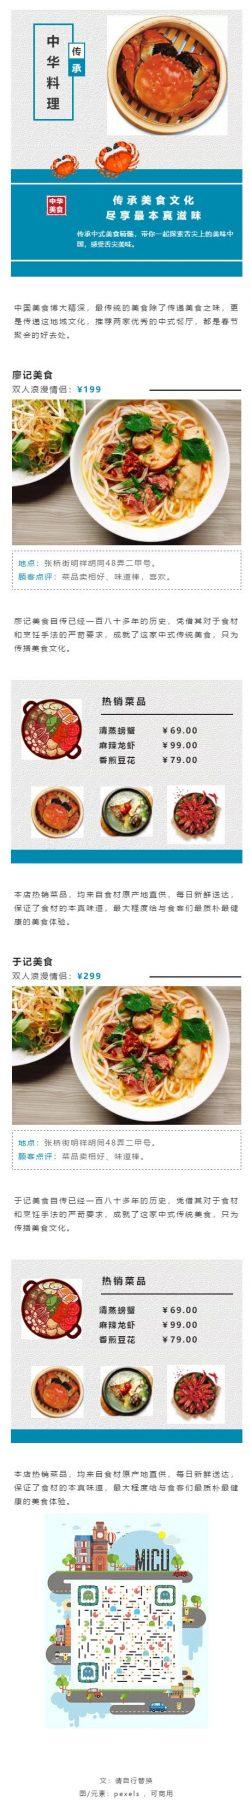 美食文化菜单餐饮点微信推文舌尖美味推送图文模板